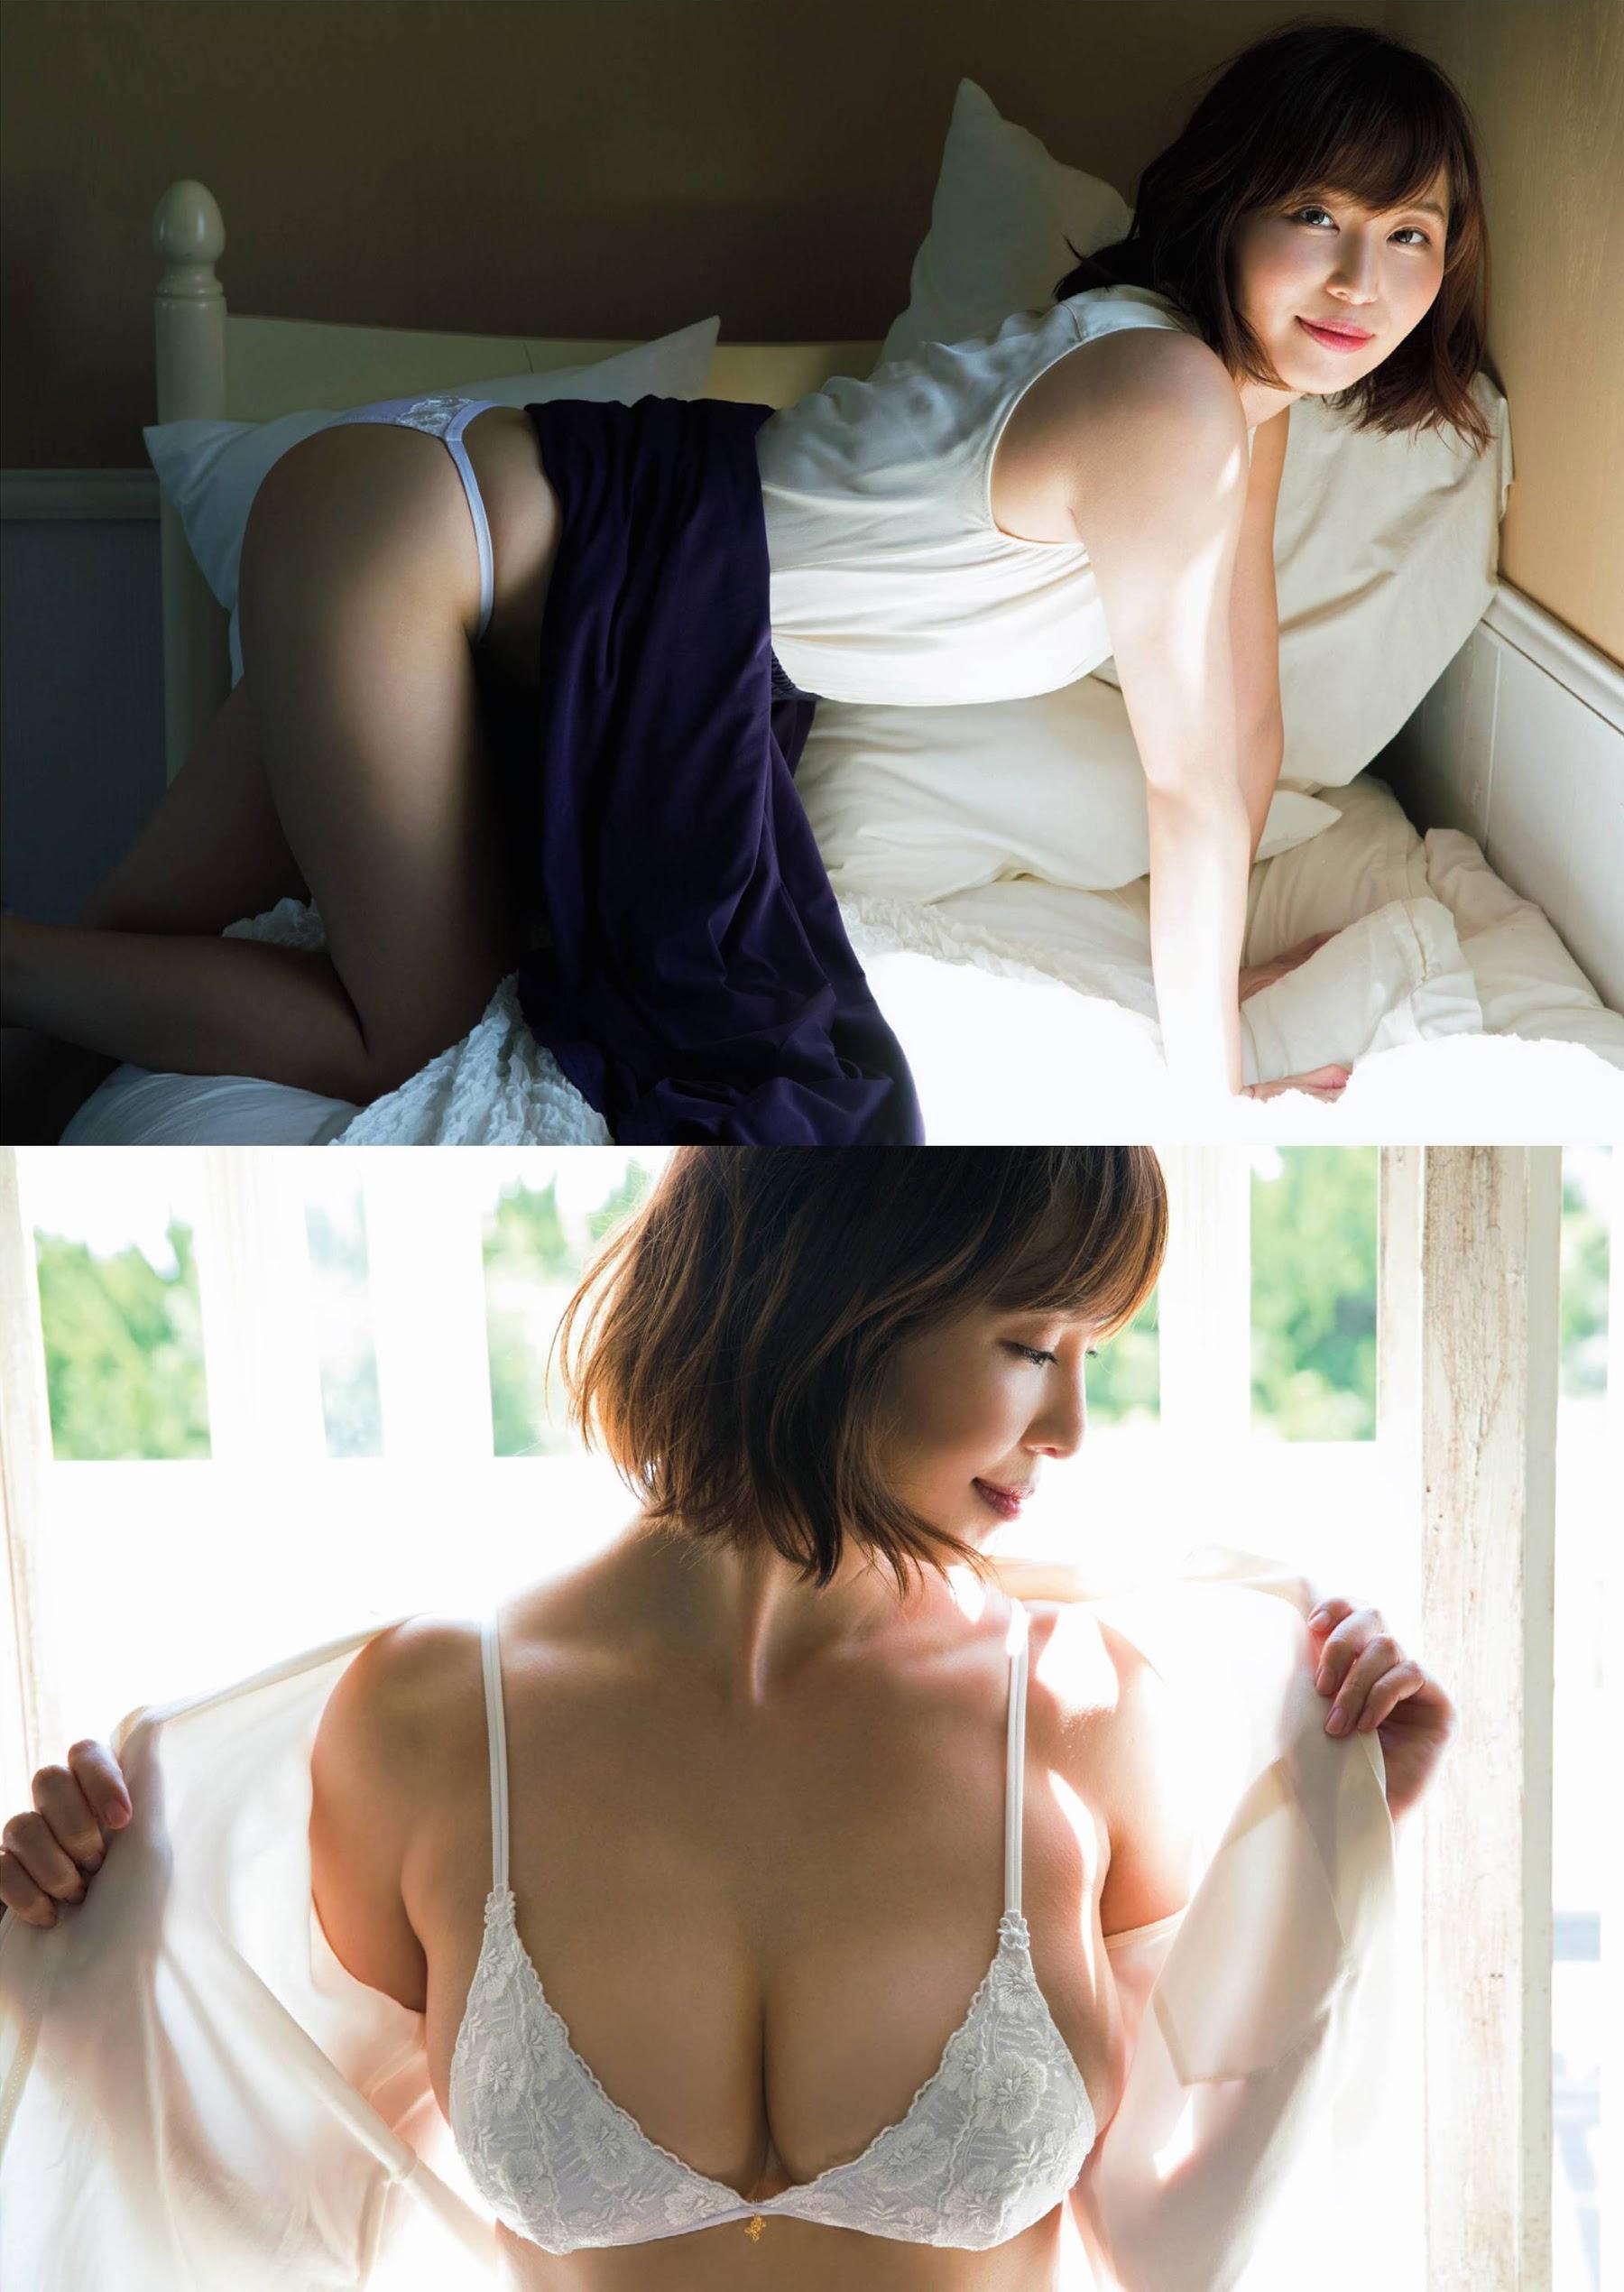 Misumi Shiochi, a female announcer in her underwear005